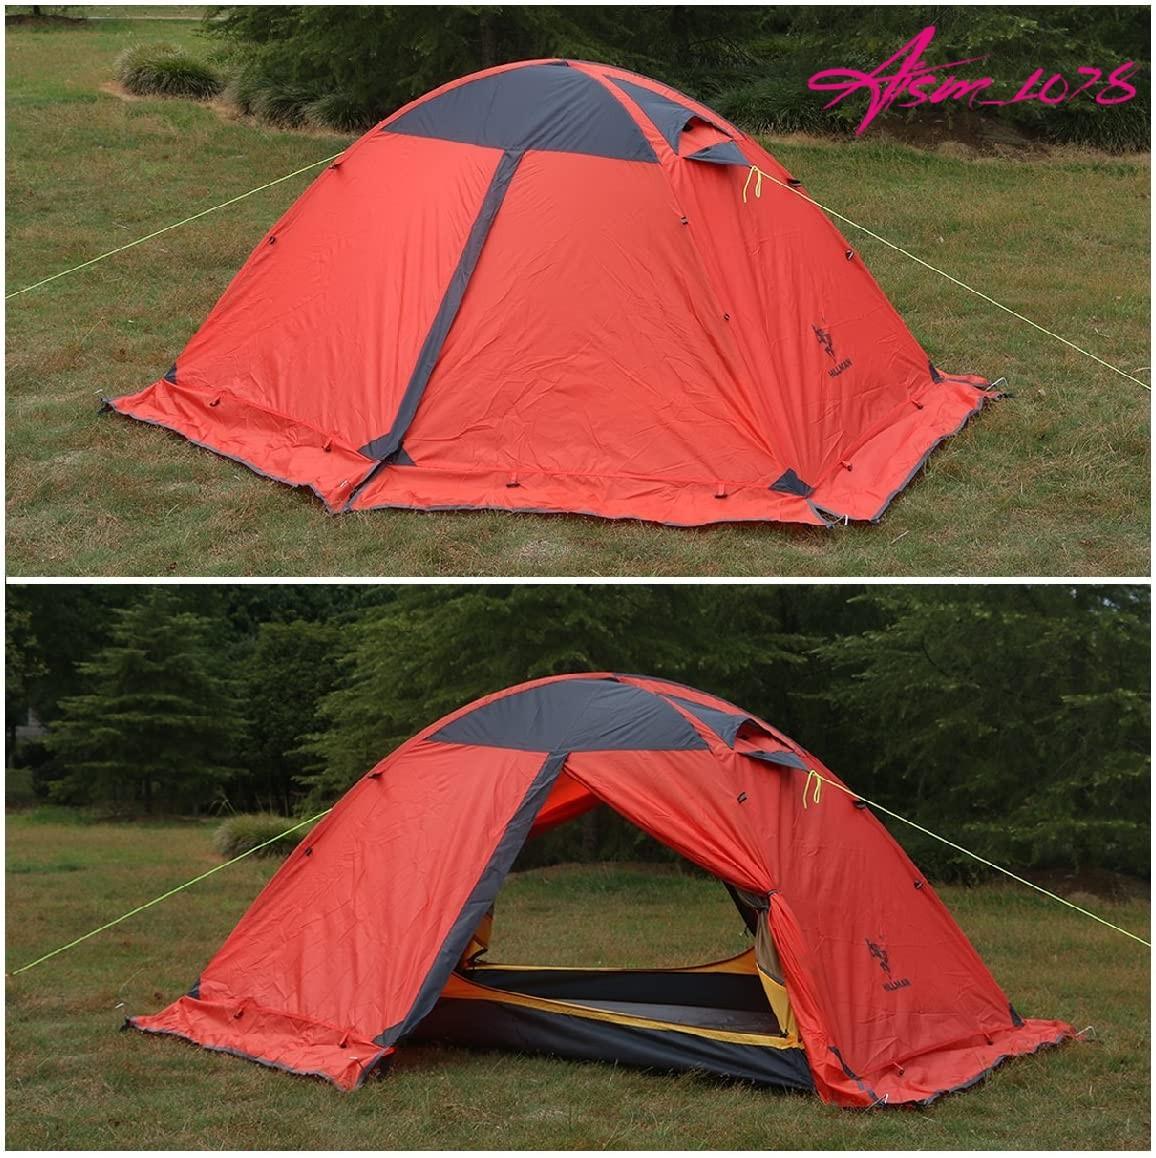 テント 2人用 キャンプ アウトドア ソロ ツーリング キャンプ アウトドア 防災 登山 BBQ TRIWONDER